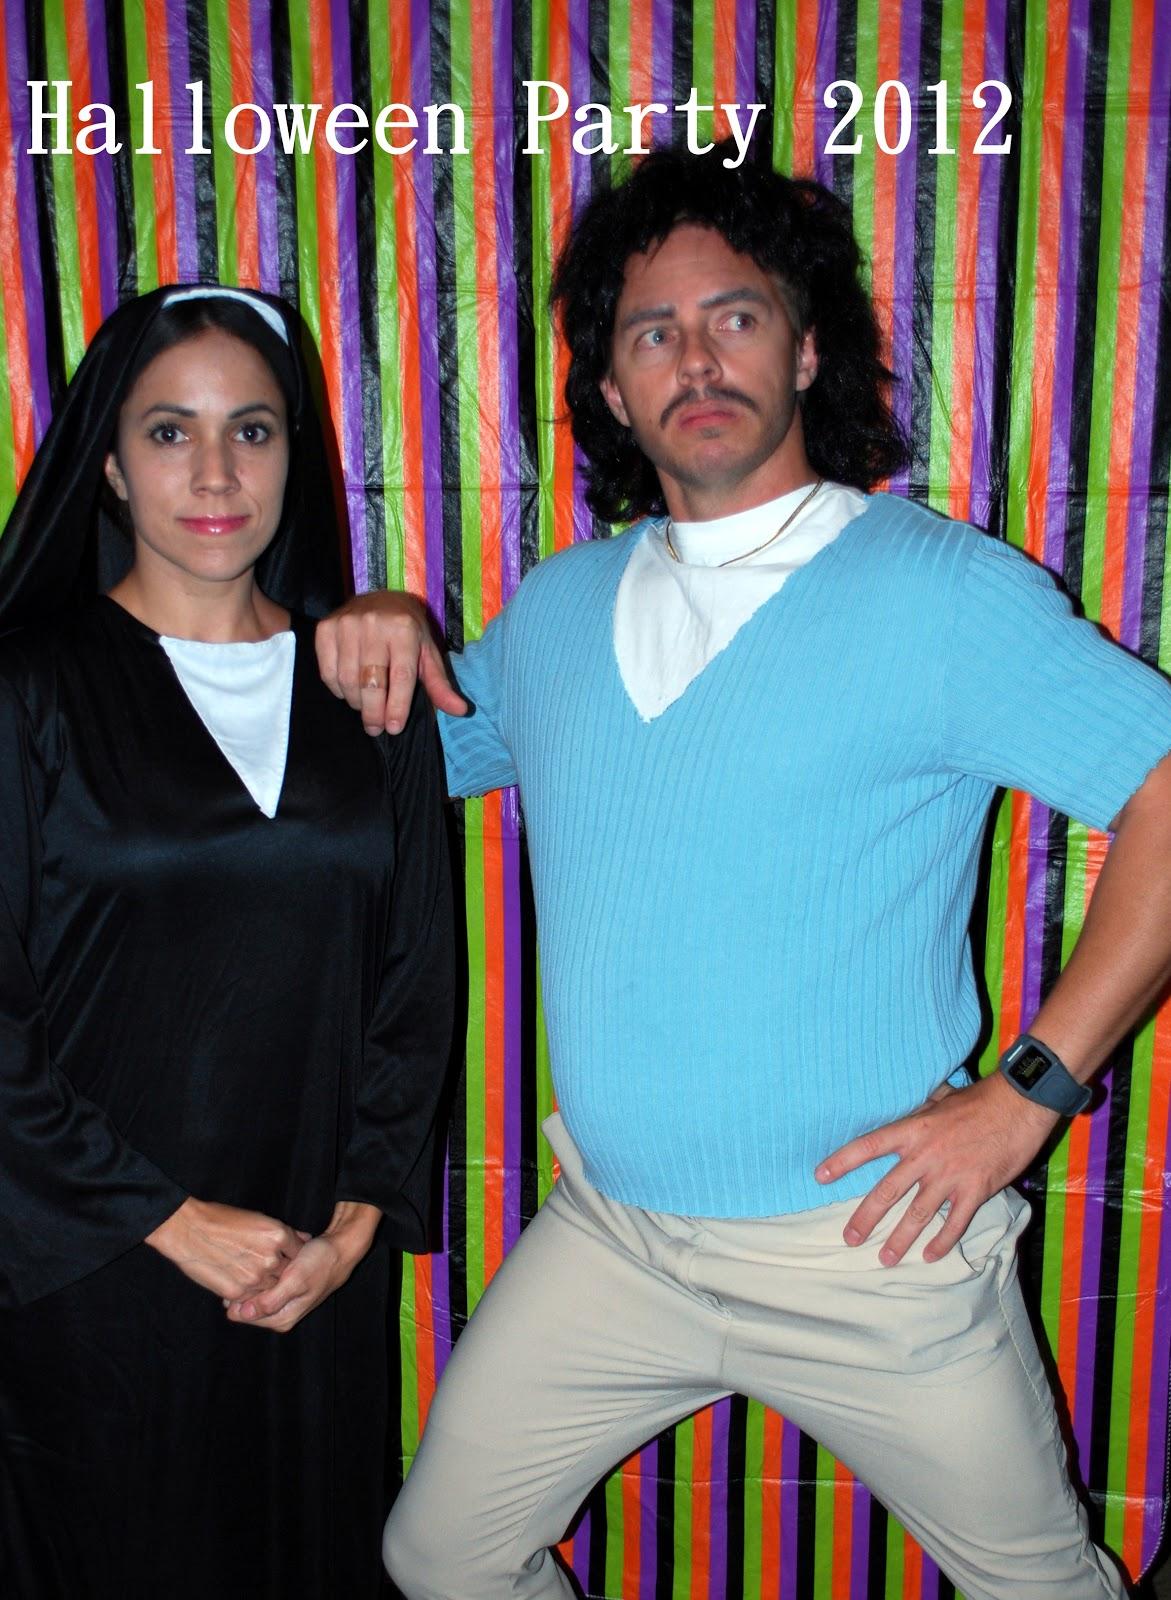 creative blogspot best homemade costume ideas